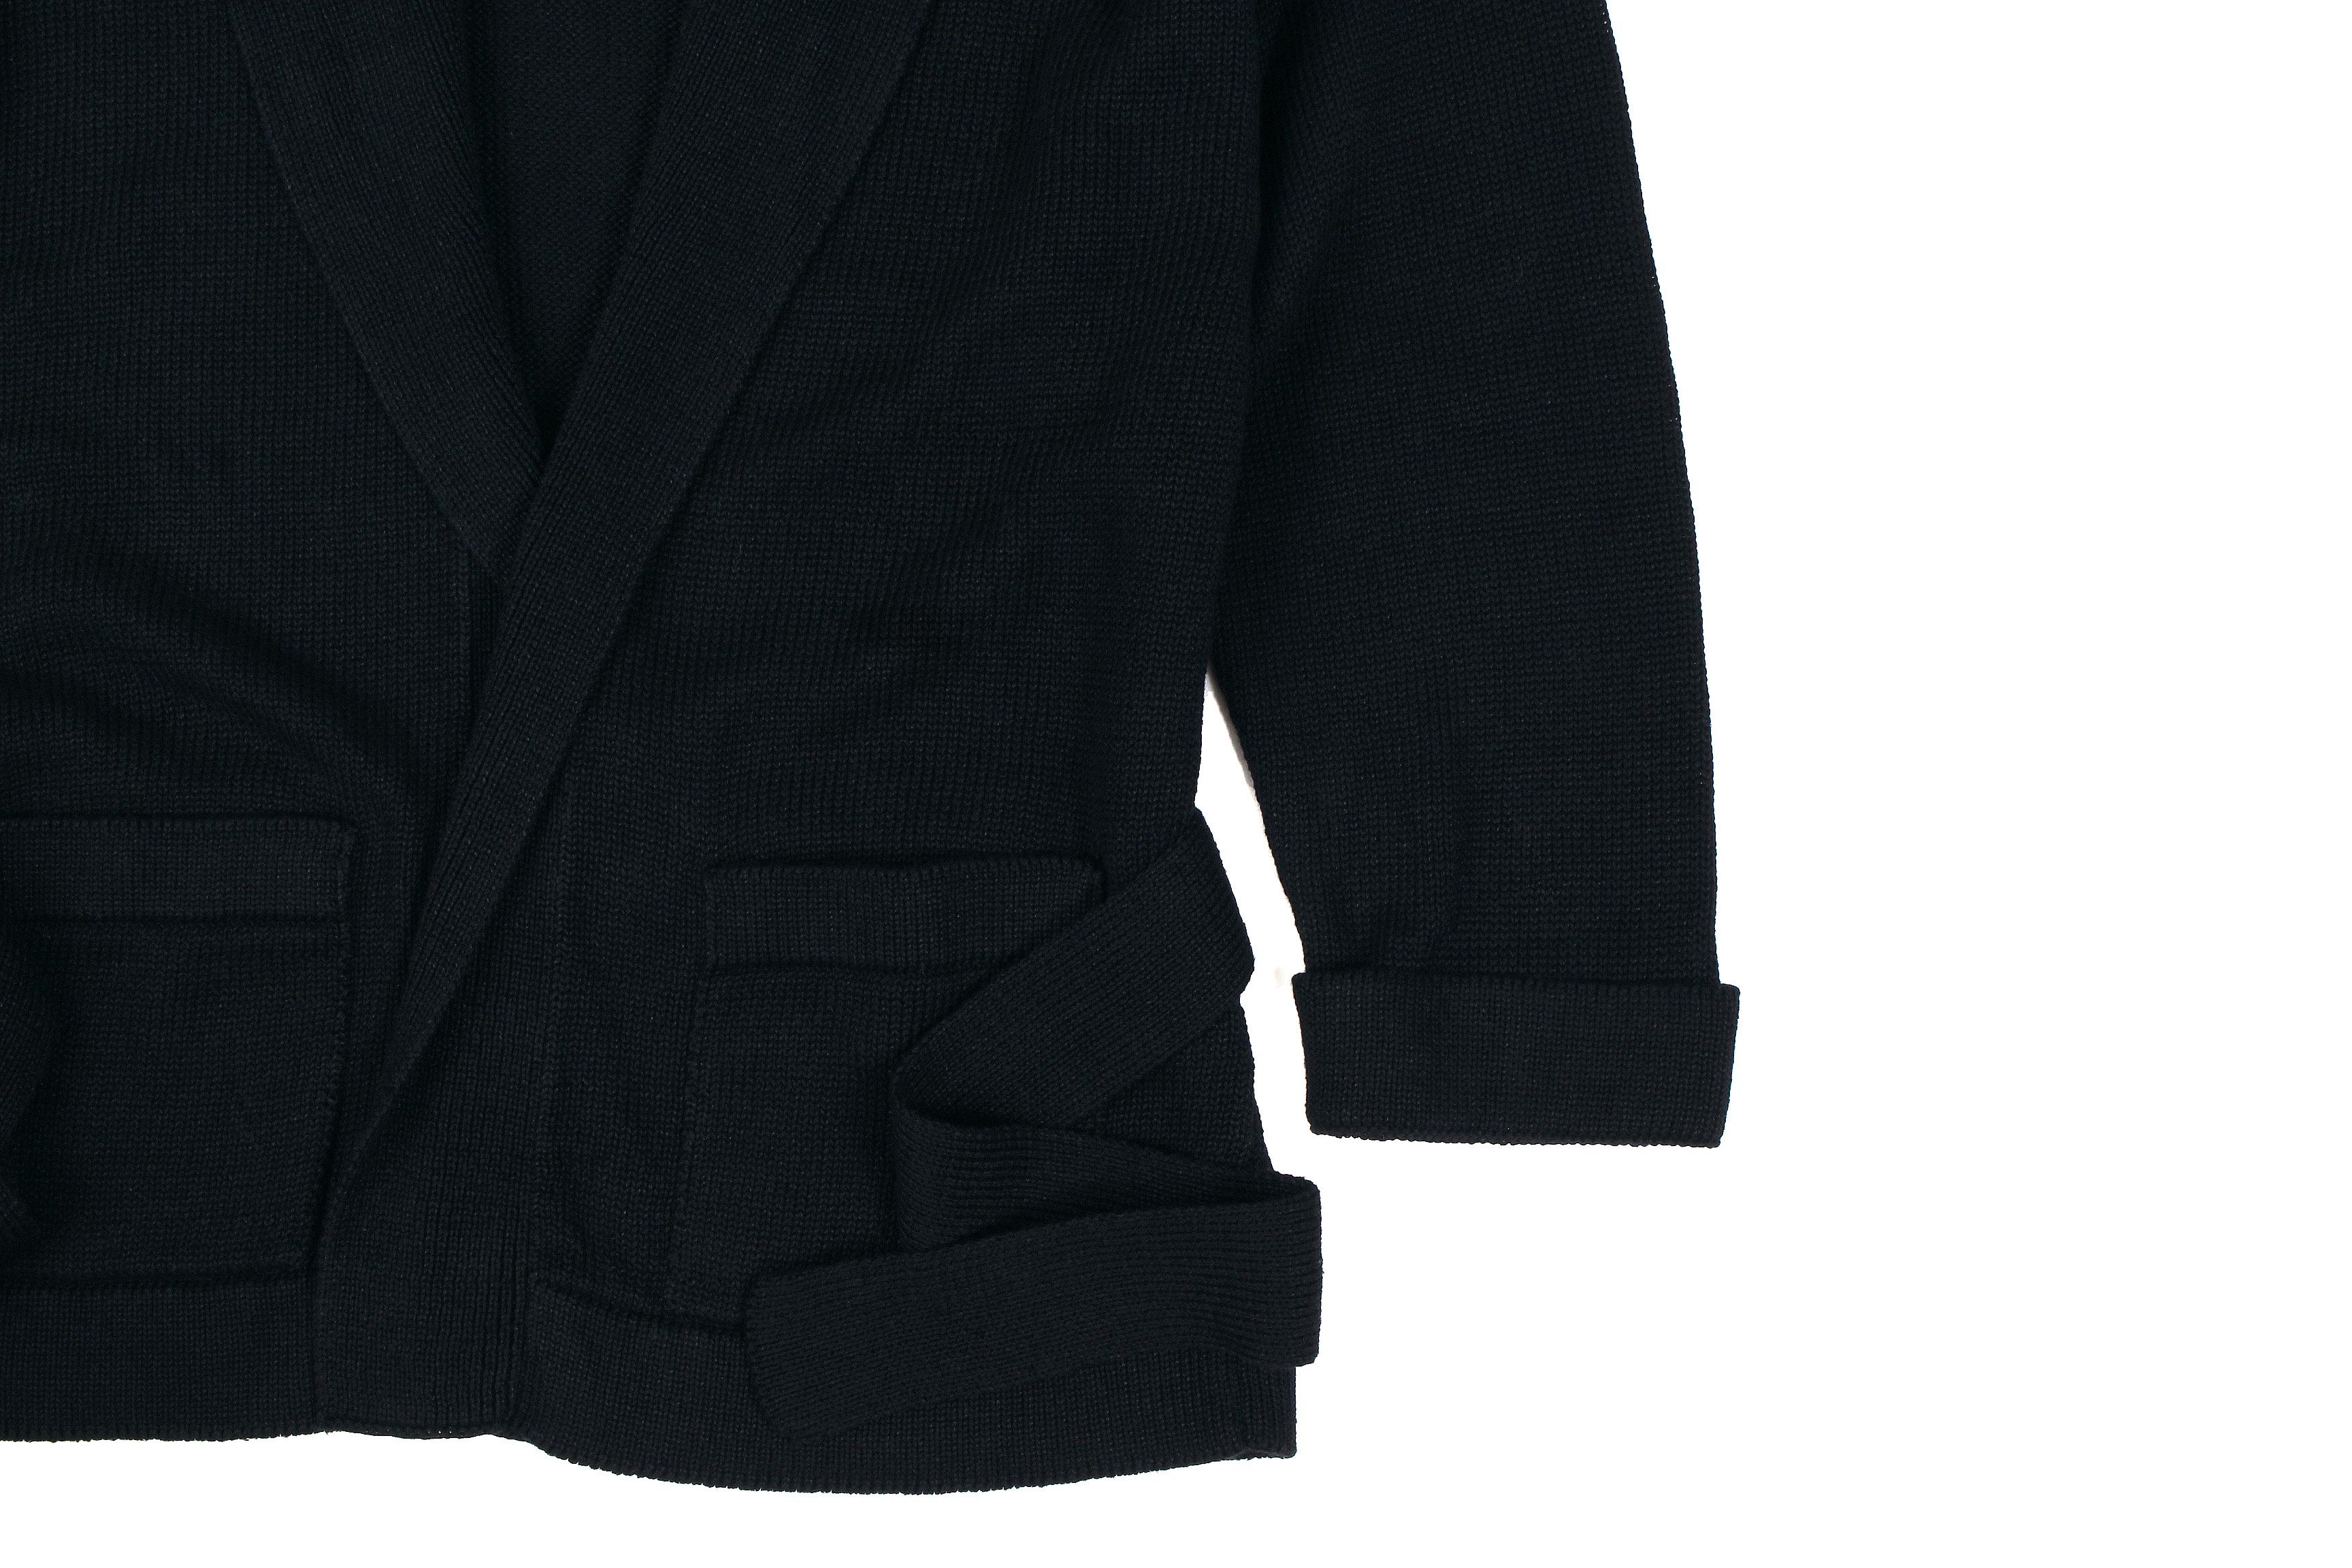 Settefili Cashmere (セッテフィーリ カシミア) Belted Shawl Collar Cardigan (ベルテッド ショールカラー カーディガン) リネンコットン ニット カーディガン BLACK (ブラック・MA12) made in italy (イタリア製)  2020 春夏新作 愛知 名古屋 altoediritto アルトエデリット